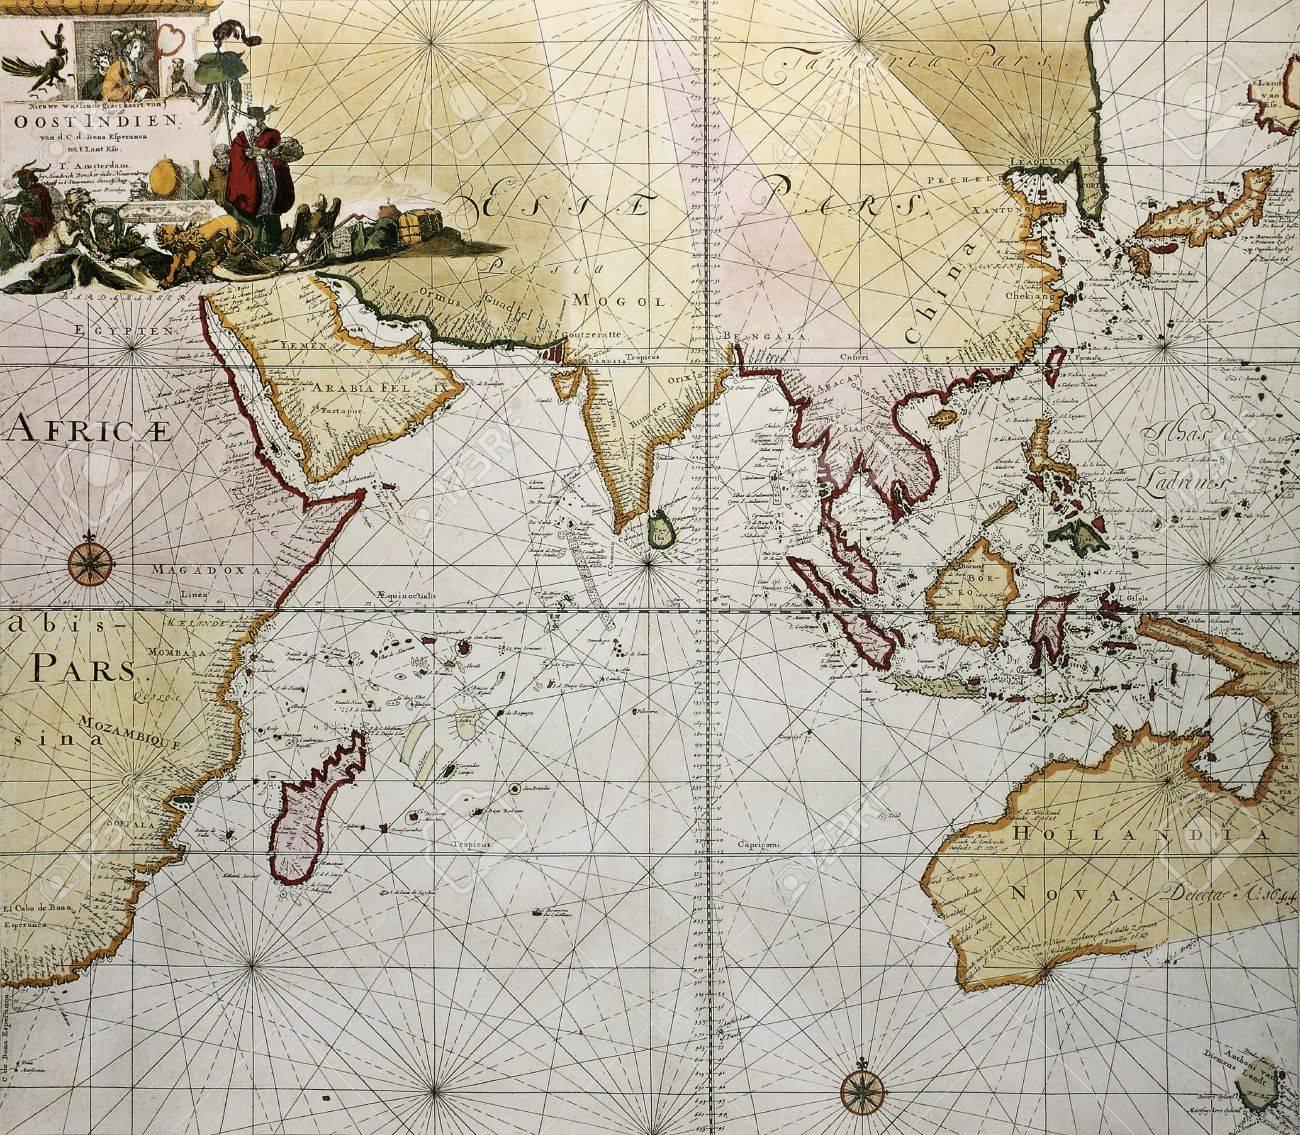 Ocean Indien Ancienne Carte Asie Du Sud Afrique De L Est Et Ouest De L Australie Cree Par Hendrick Doncker Publie A Amsterdam 1705 Banque D Images Et Photos Libres De Droits Image 14986539